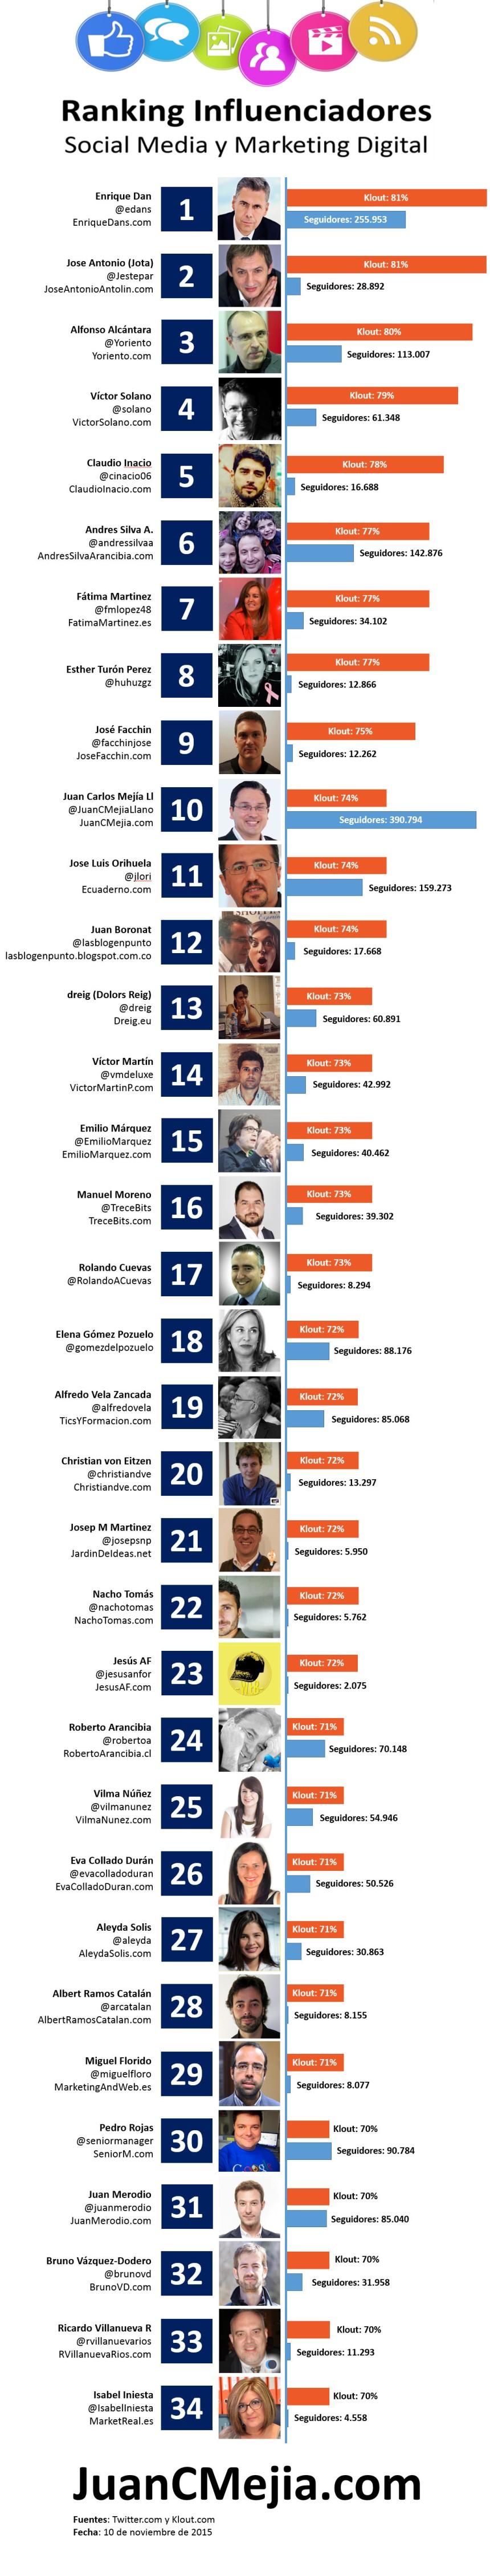 Top 34 Influencers de habla hispana en Marketing Digital y Redes Sociales